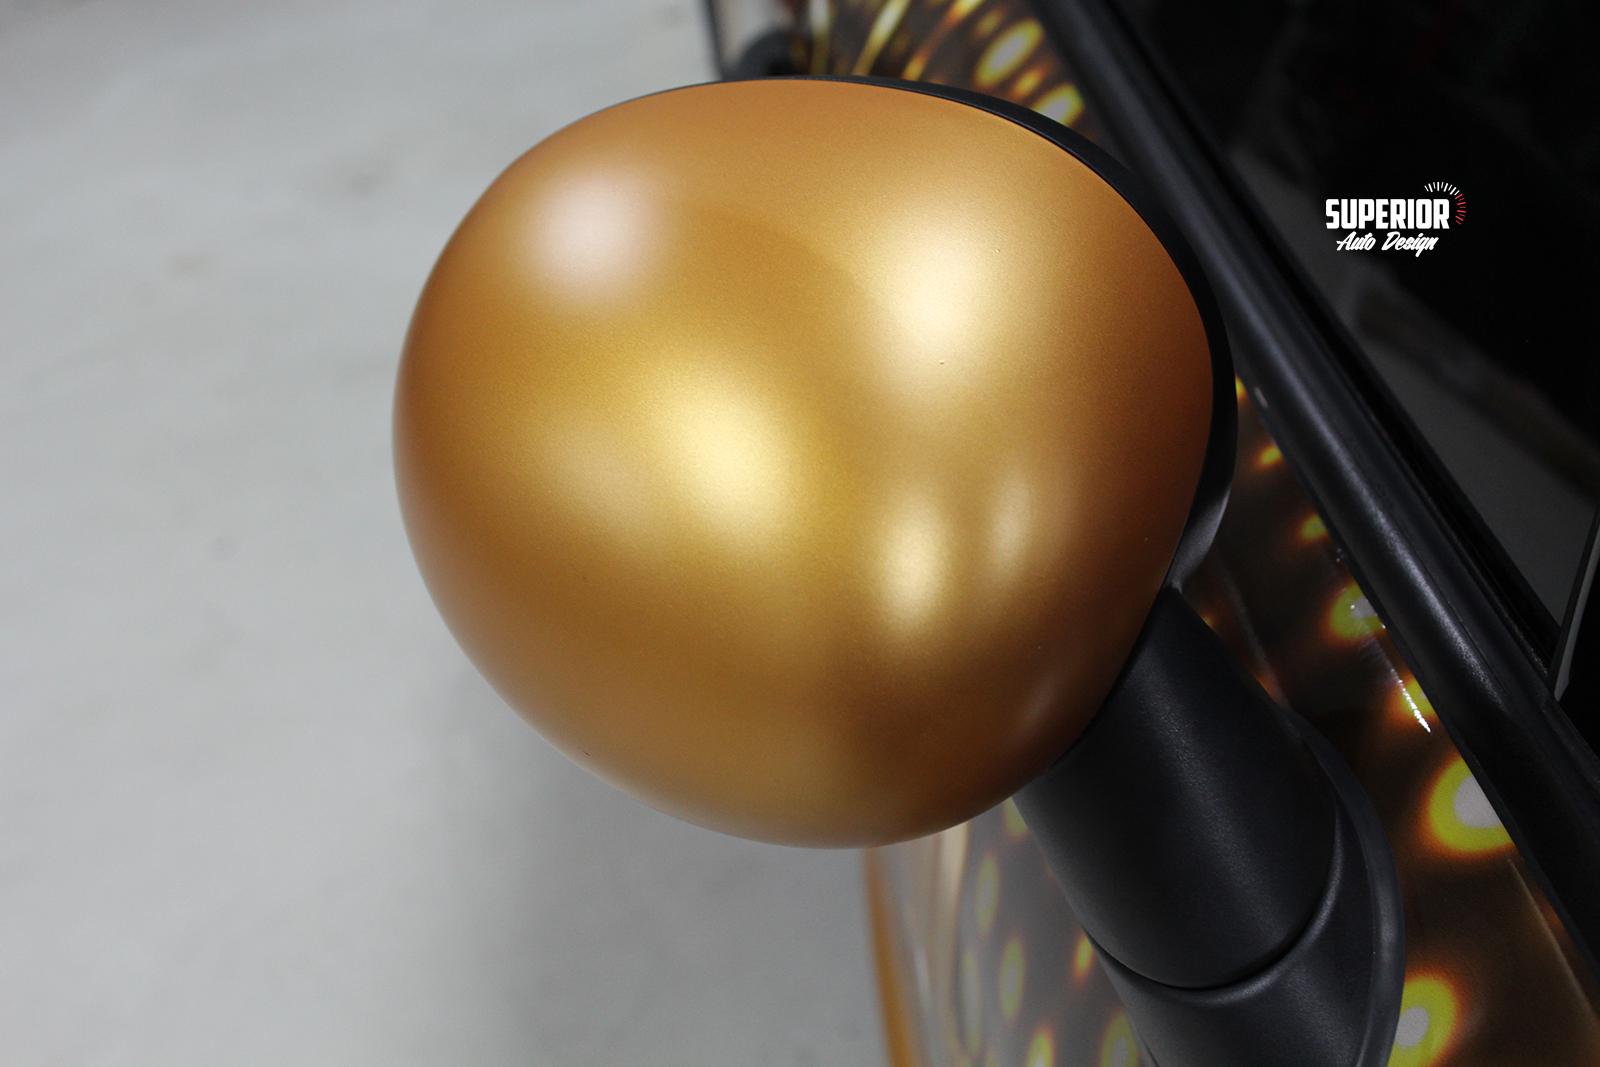 mini cooper goldrush superior auto design 1